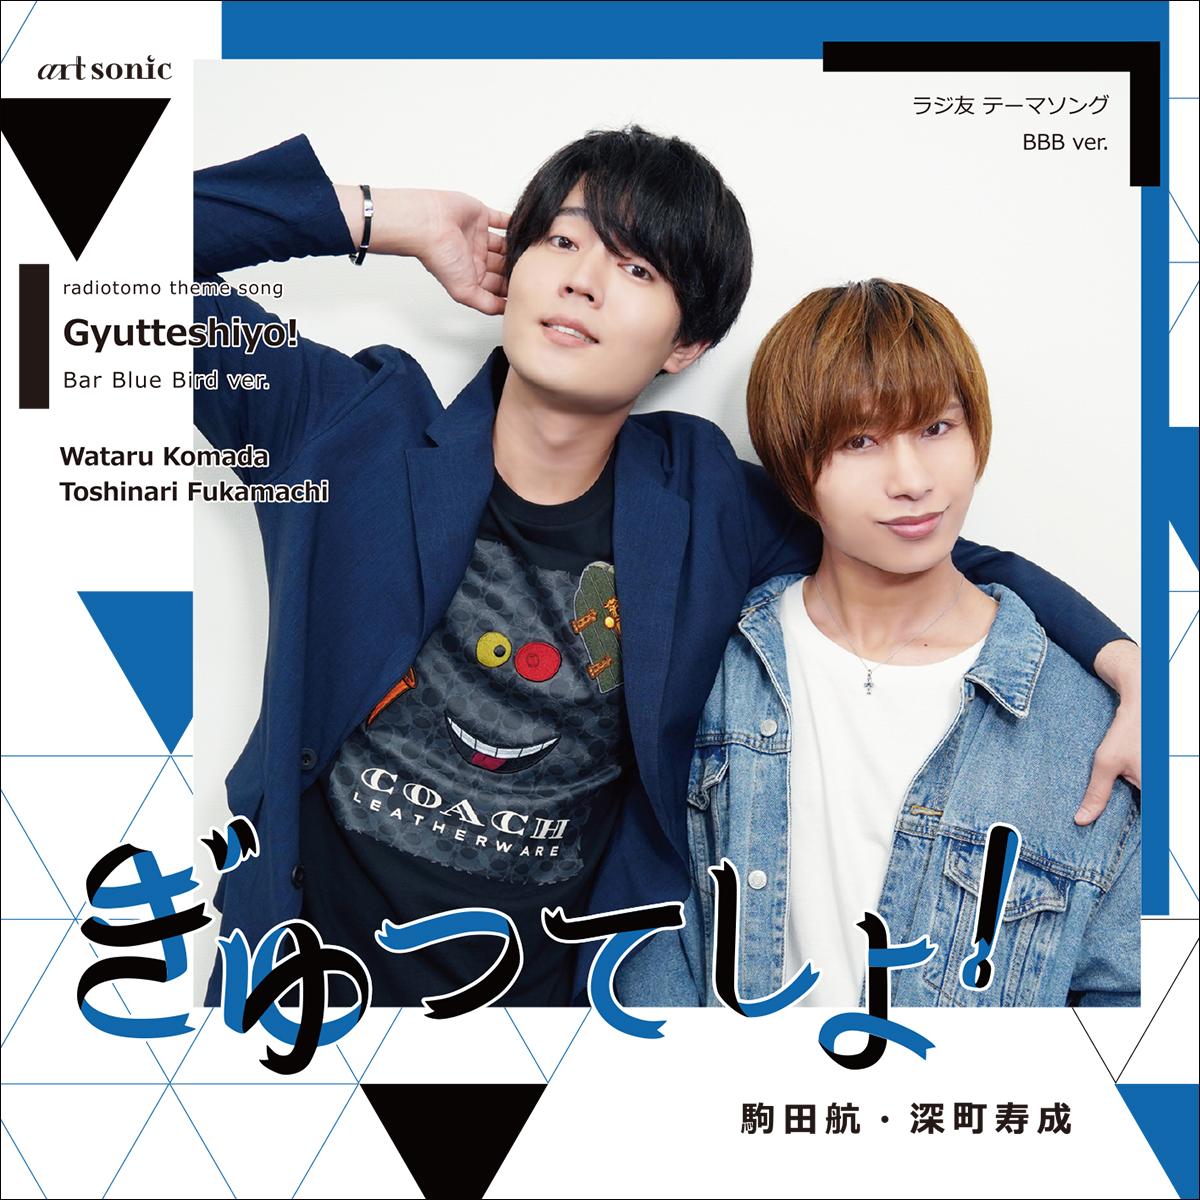 ラジ友テーマソング『ぎゅってしよ!』BBB ver.